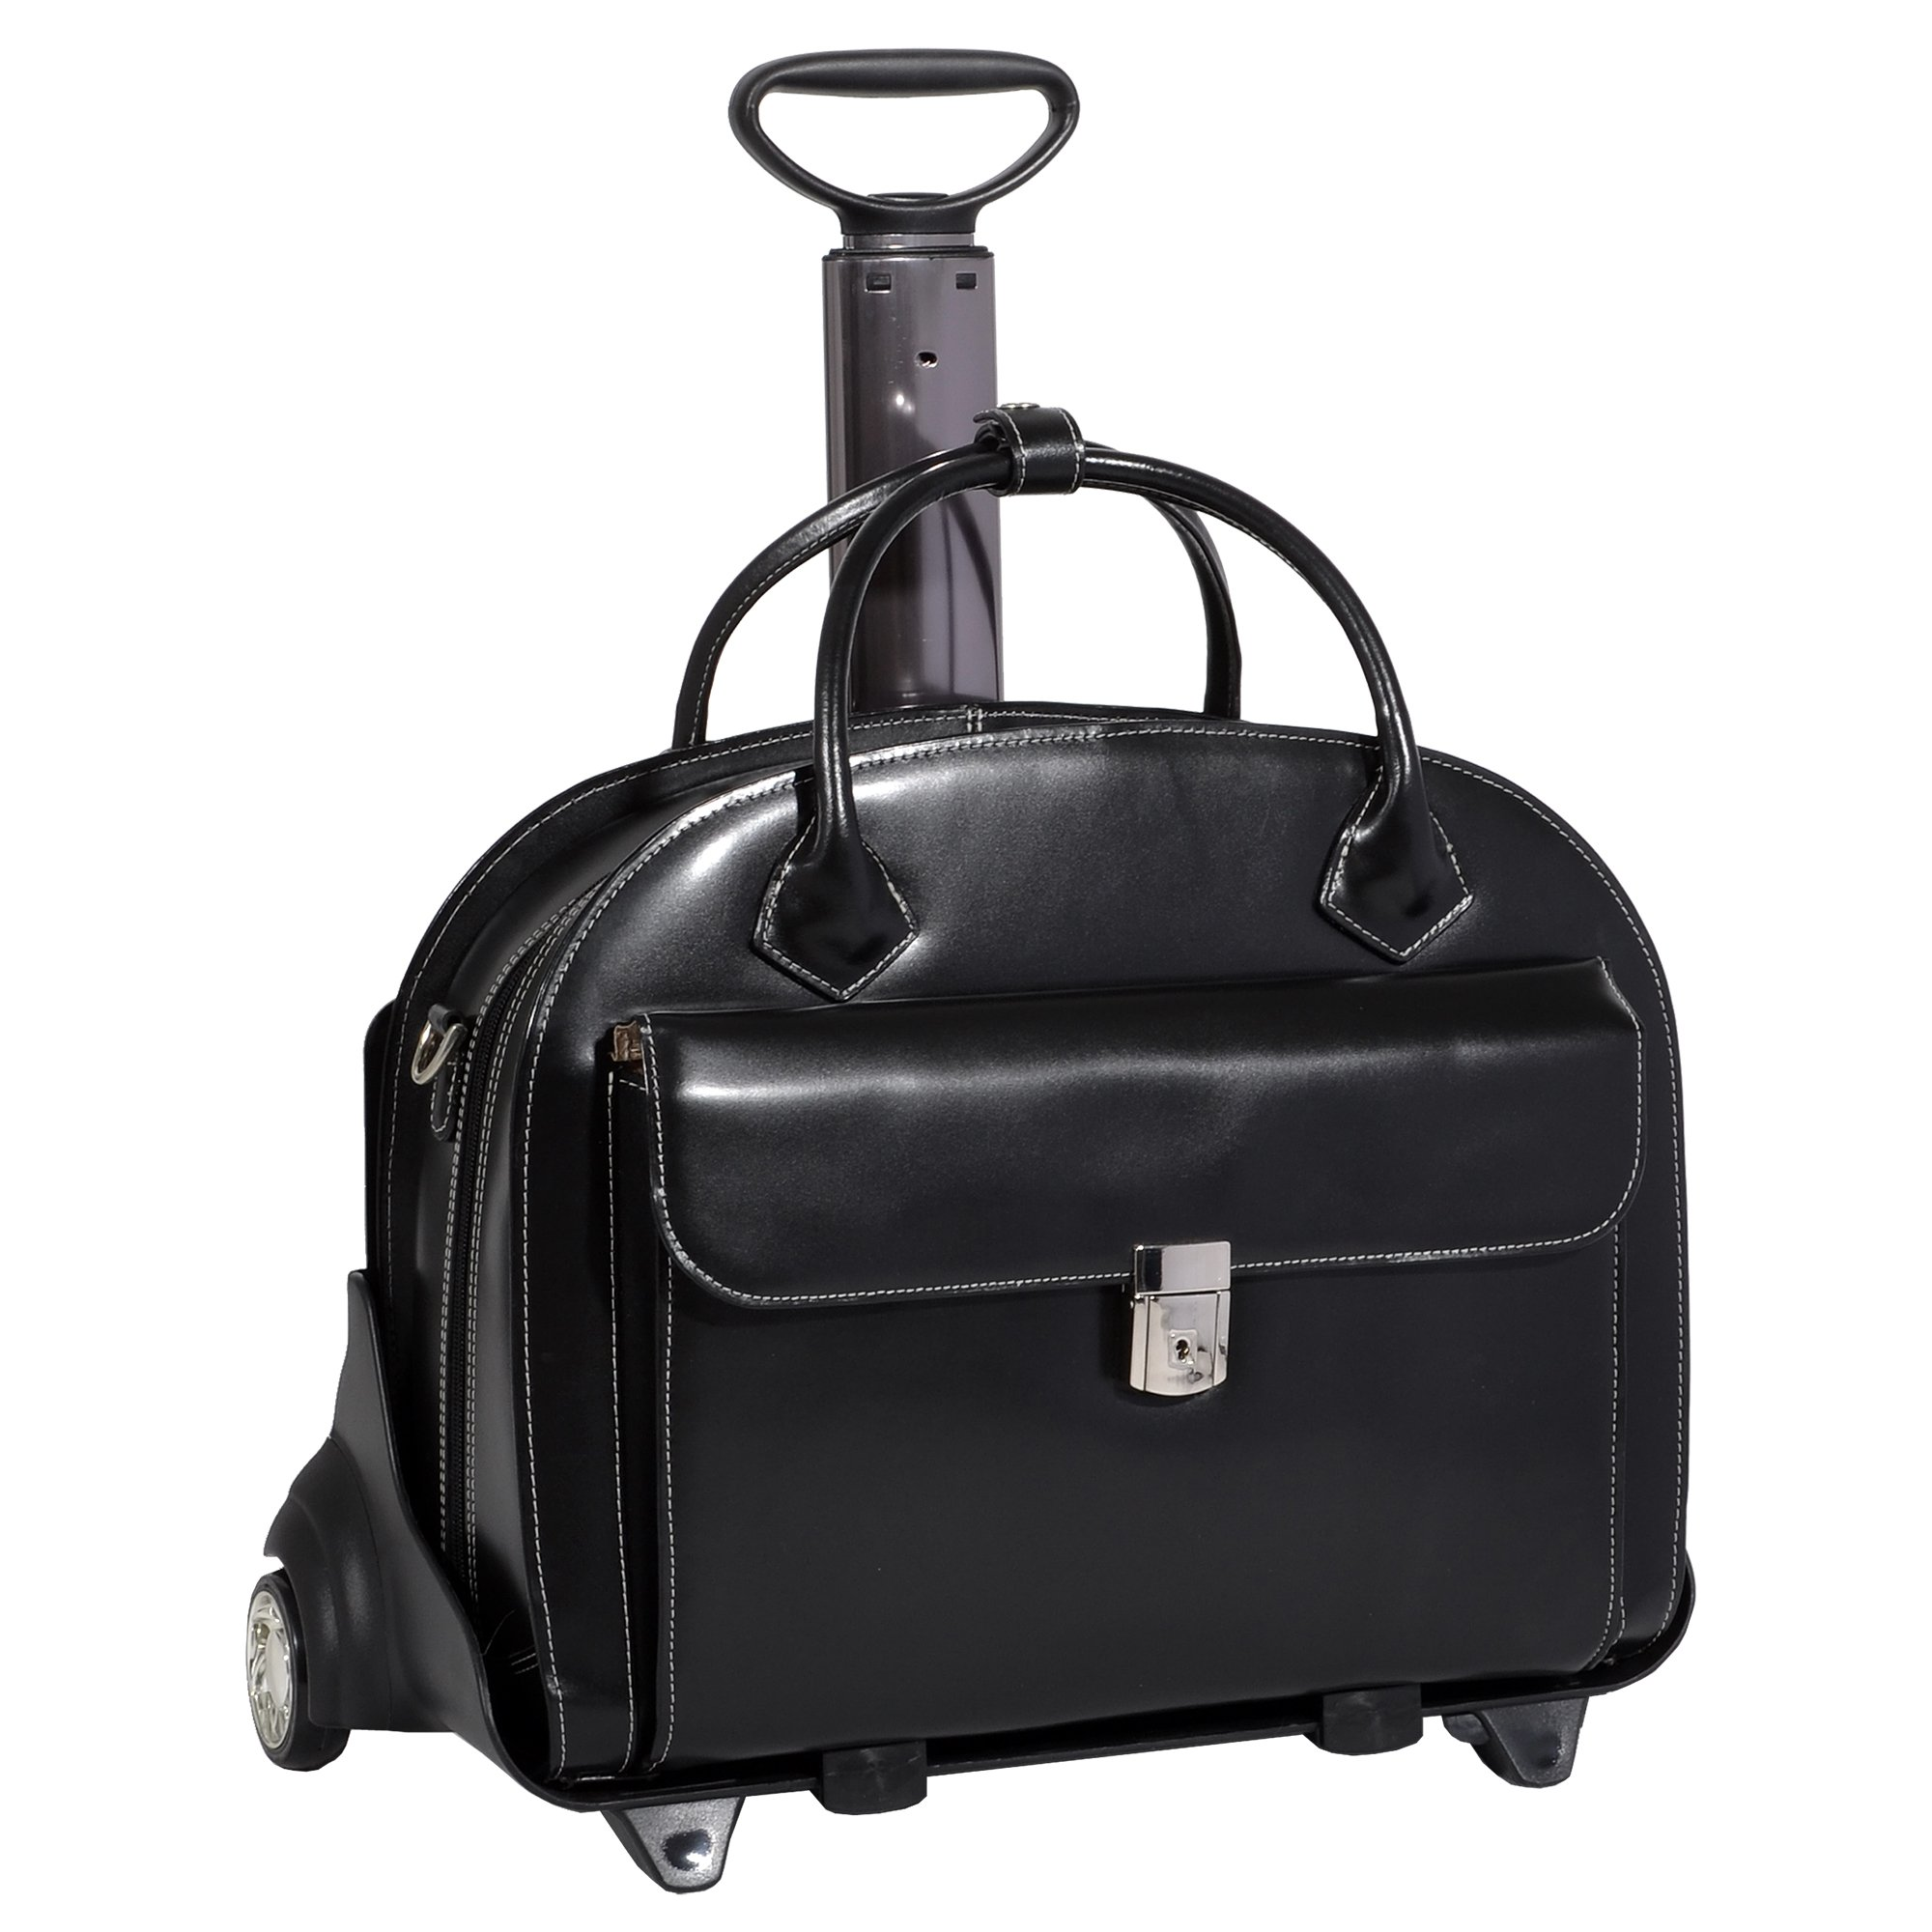 Mcklein USA 94365 Glen Ellyn, 15.4'' Leather Wheeled Ladies Briefcase, One Size, Black